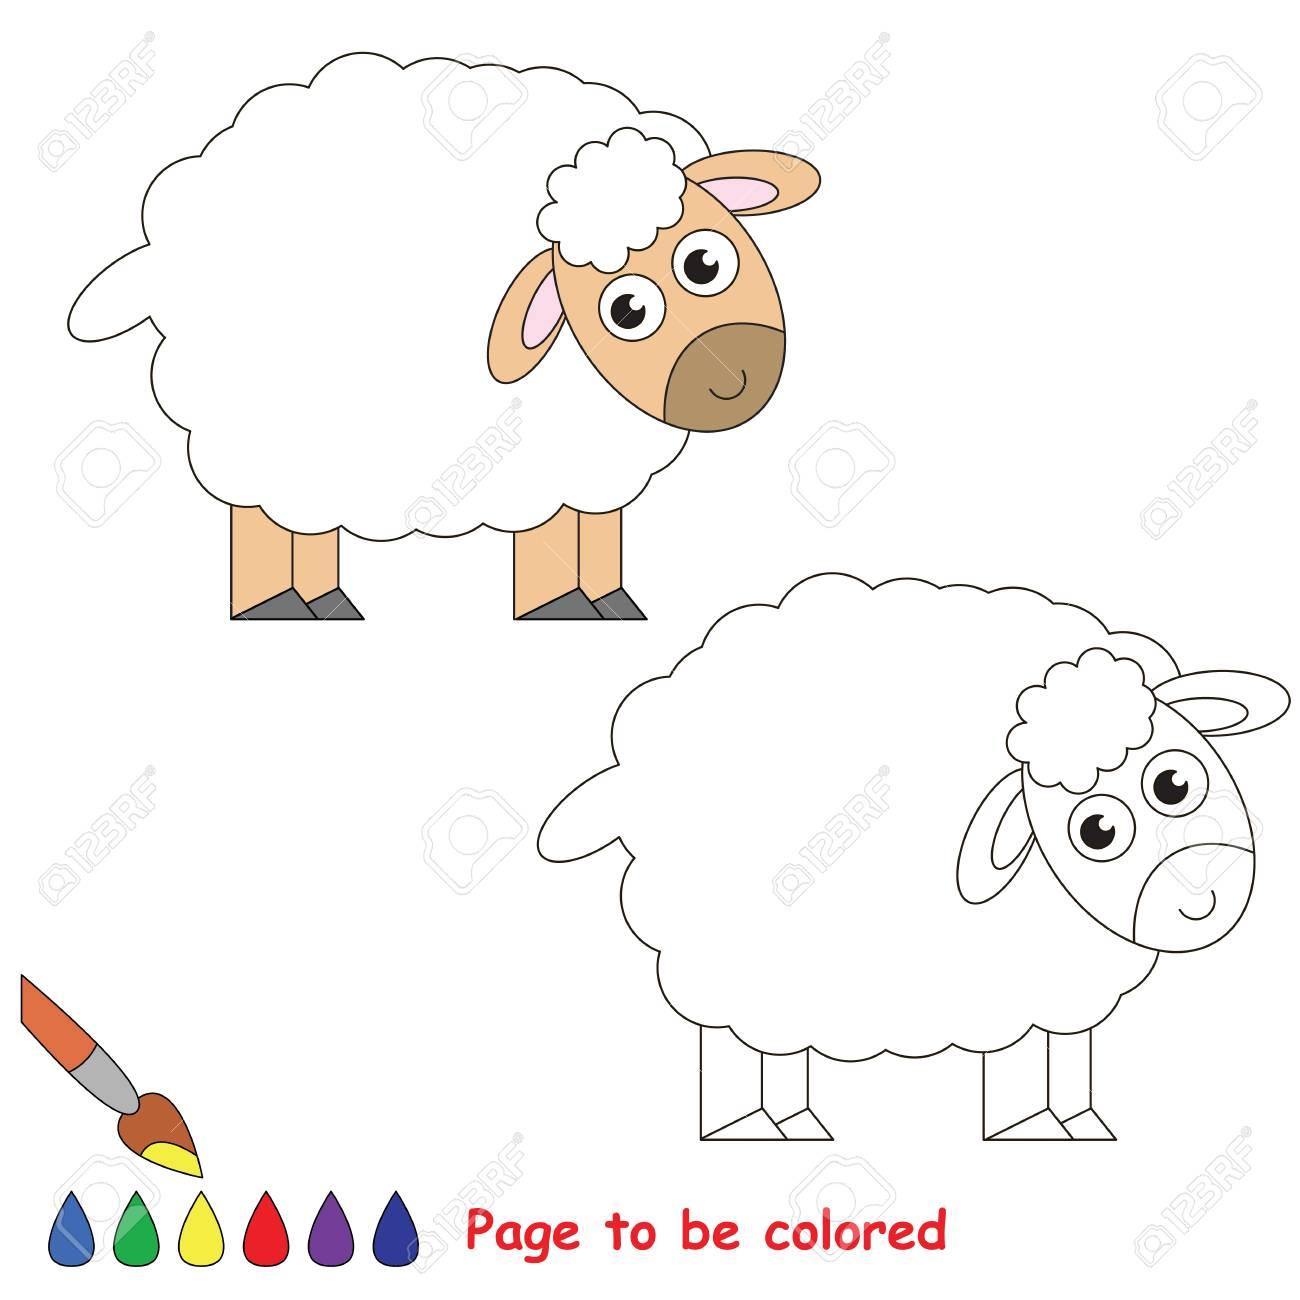 Vettoriale Pecora Da Colorare Il Libro Da Colorare Per Educare I Bambini In Eta Prescolare Con Giochi Educativi Per Bambini Facili E L Istruzione Primaria Di Semplice Livello Di Gioco Image 74023571